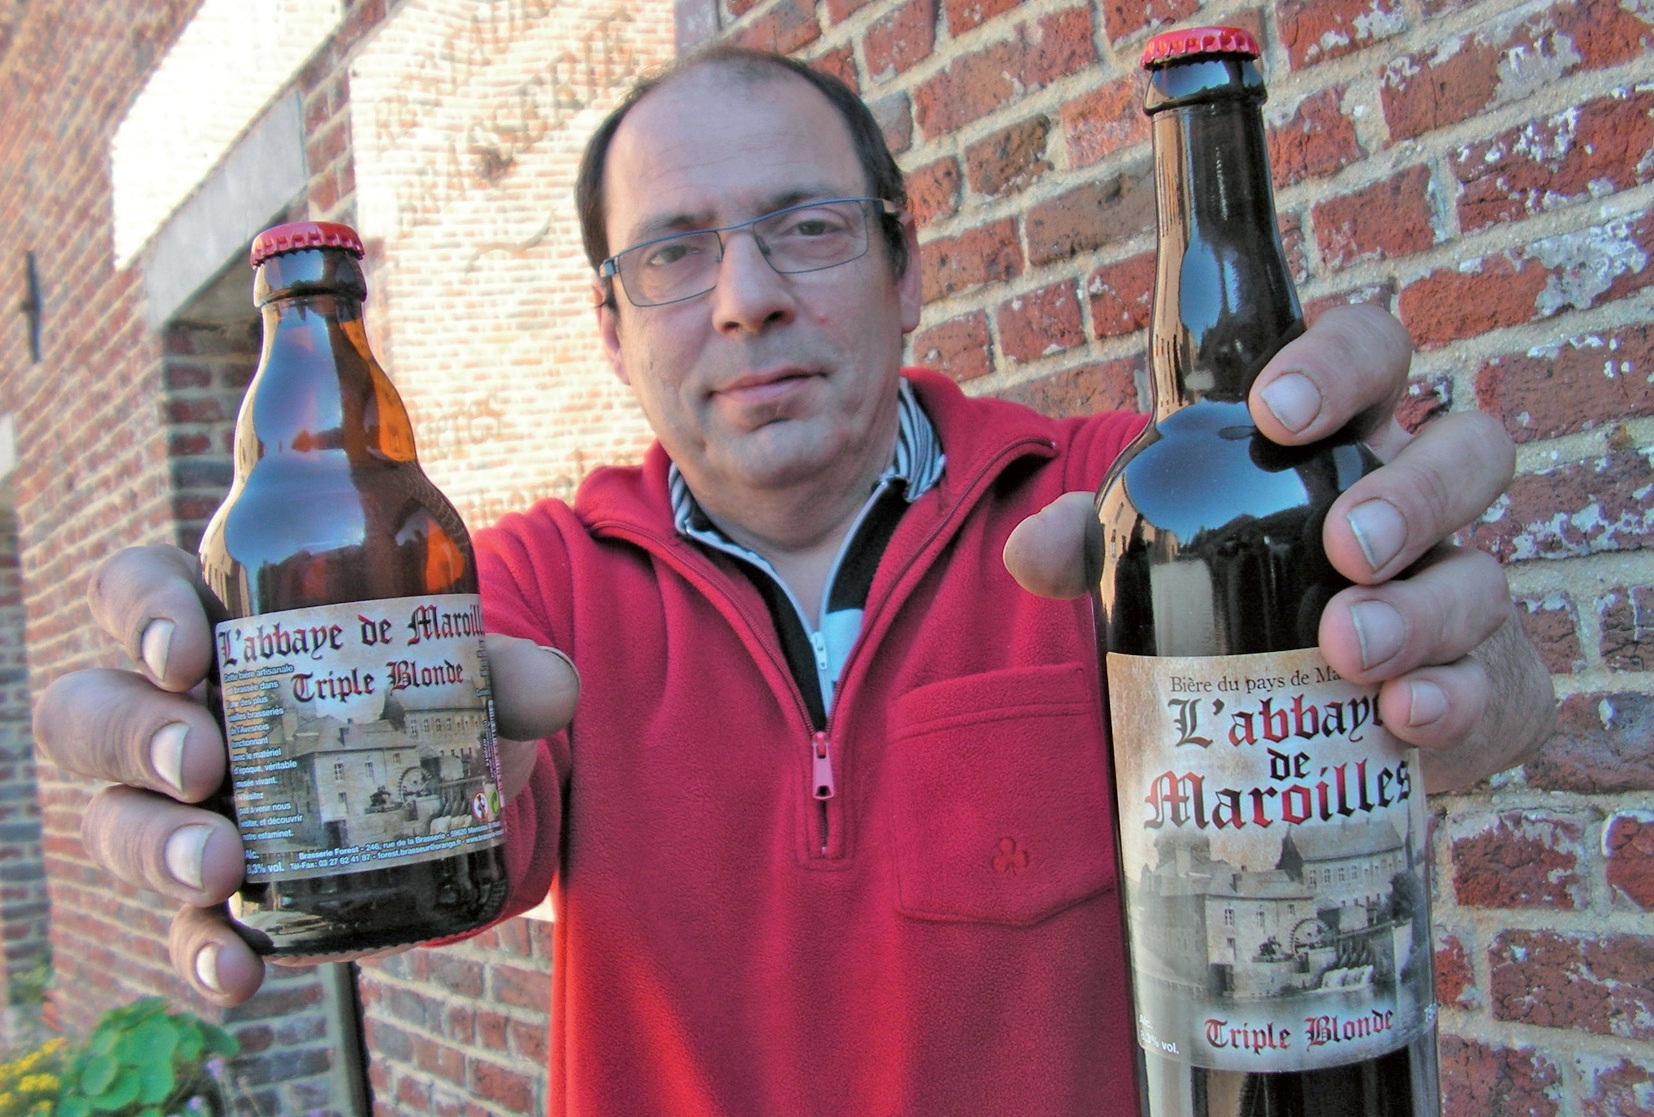 La dernière bière de la brasserie Forest à Monceau-Saint-Waast aux couleurs de Maroilles. Elle est vendue sous deux formats. A déguster bien entendu avec modération selon la formule consacrée.